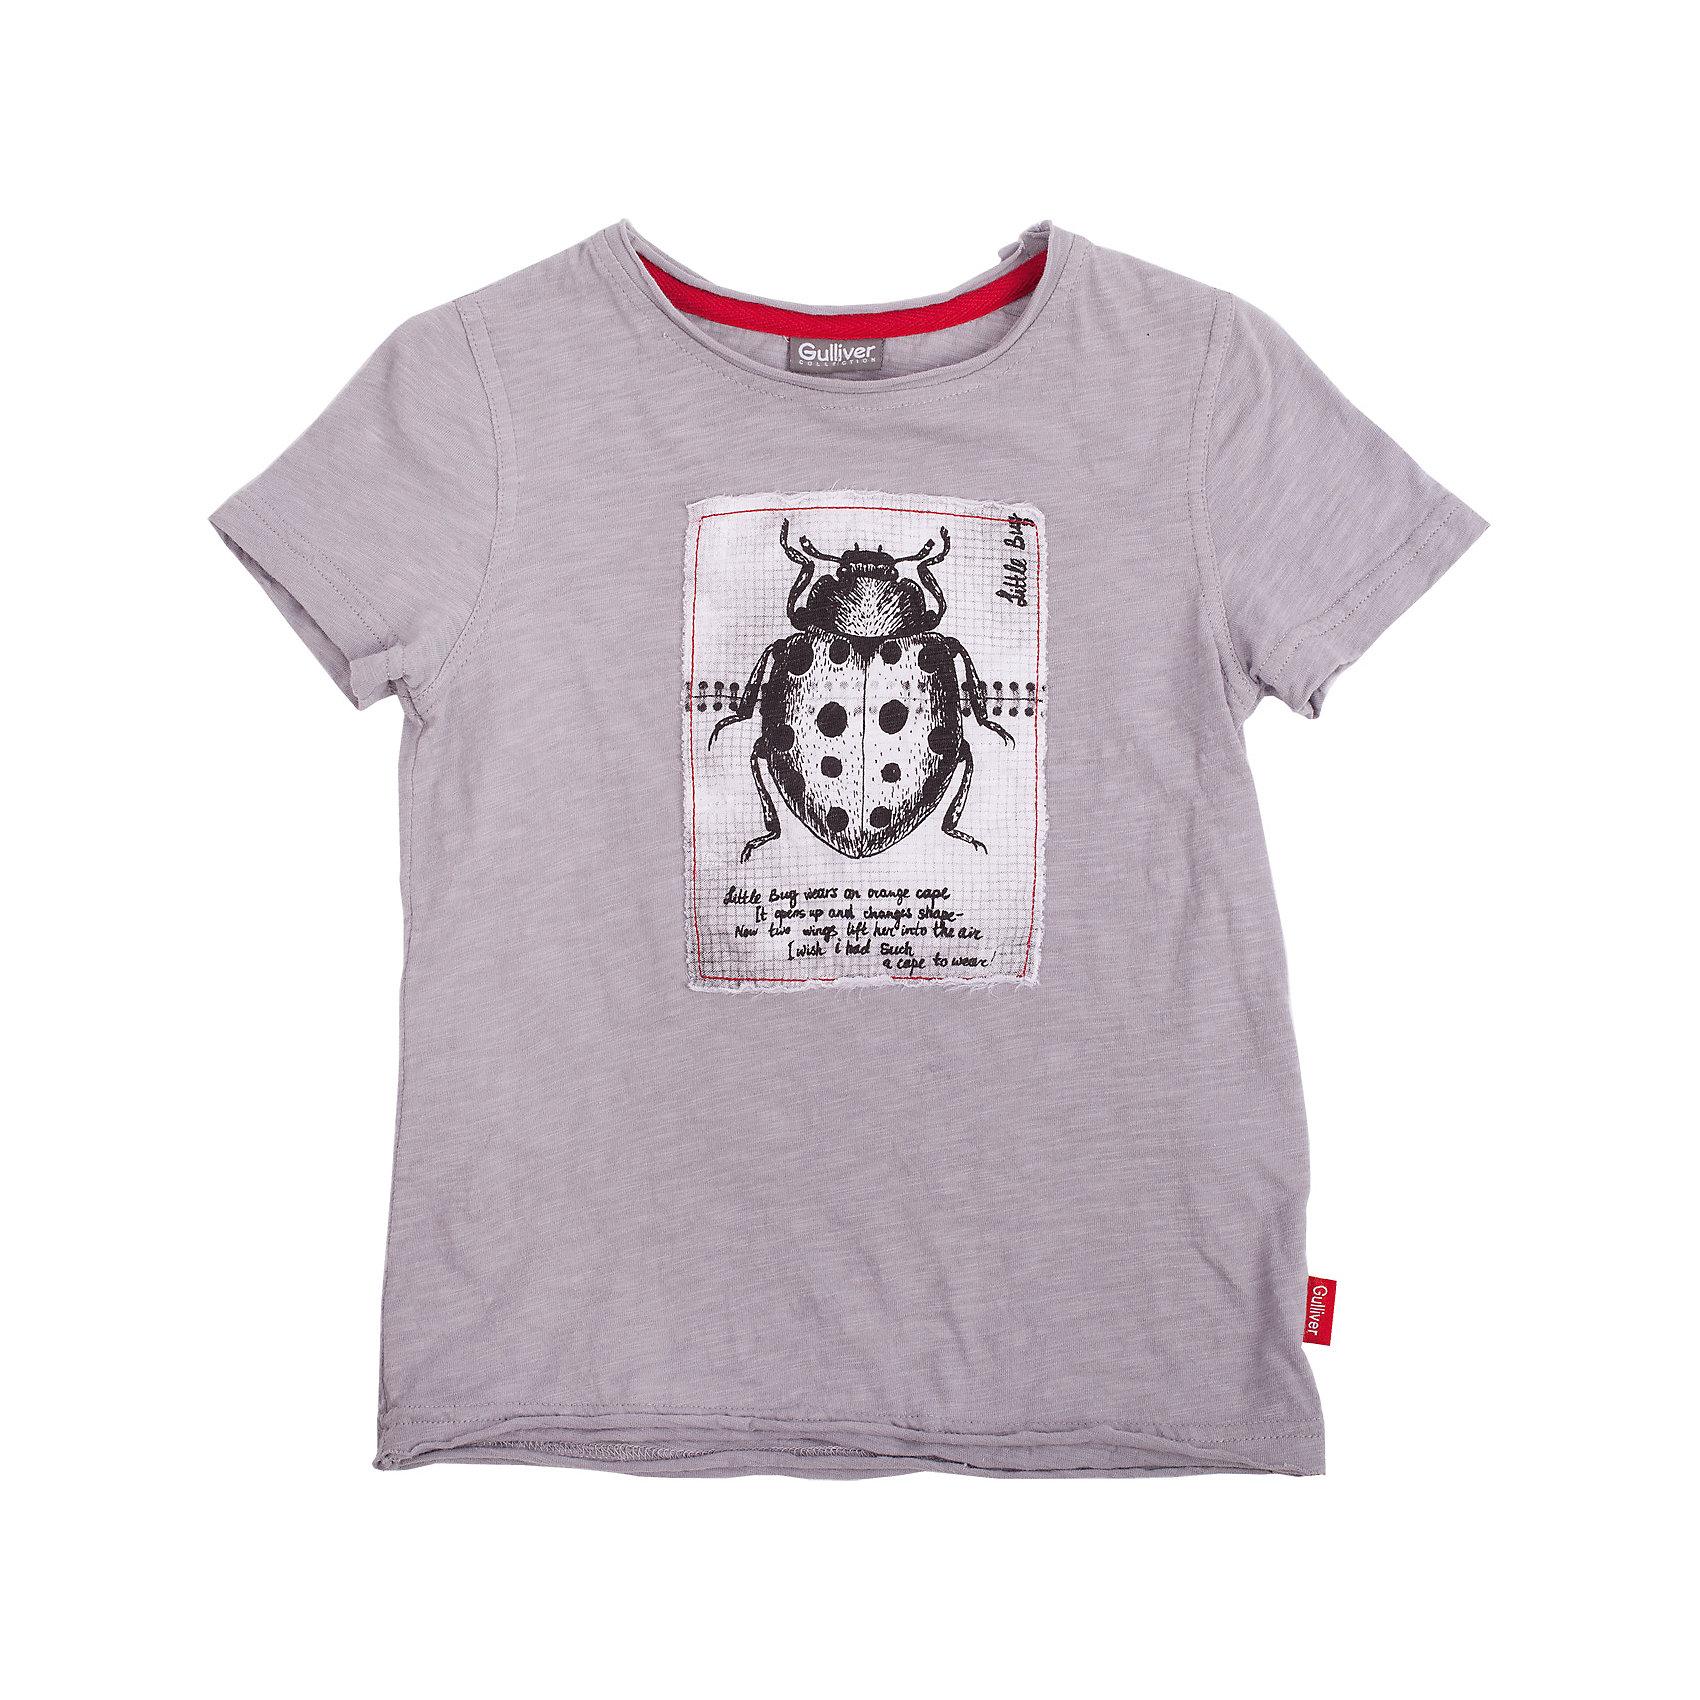 Футболка для мальчика GulliverВы хотите купить модную серую футболку для мальчика? Предпочитаете приобрести интересную необычную модель и качественную брендовую вещь, которая добавит в гардероб ребенка изюминку и придаст летнему образу небрежную элегантность? Тогда эта классная футболка со стильной принтованной нашивкой - отличный выбор! Серая футболка с открытыми срезами и актуальным эффектом легкой потертости, состаренности выполнена из мягкого 100% хлопка. Она сделает каждый день малыша увлекательным и комфортным!<br>Состав:<br>100% хлопок<br><br>Ширина мм: 199<br>Глубина мм: 10<br>Высота мм: 161<br>Вес г: 151<br>Цвет: серый<br>Возраст от месяцев: 24<br>Возраст до месяцев: 36<br>Пол: Мужской<br>Возраст: Детский<br>Размер: 98,116,104,110<br>SKU: 4534698